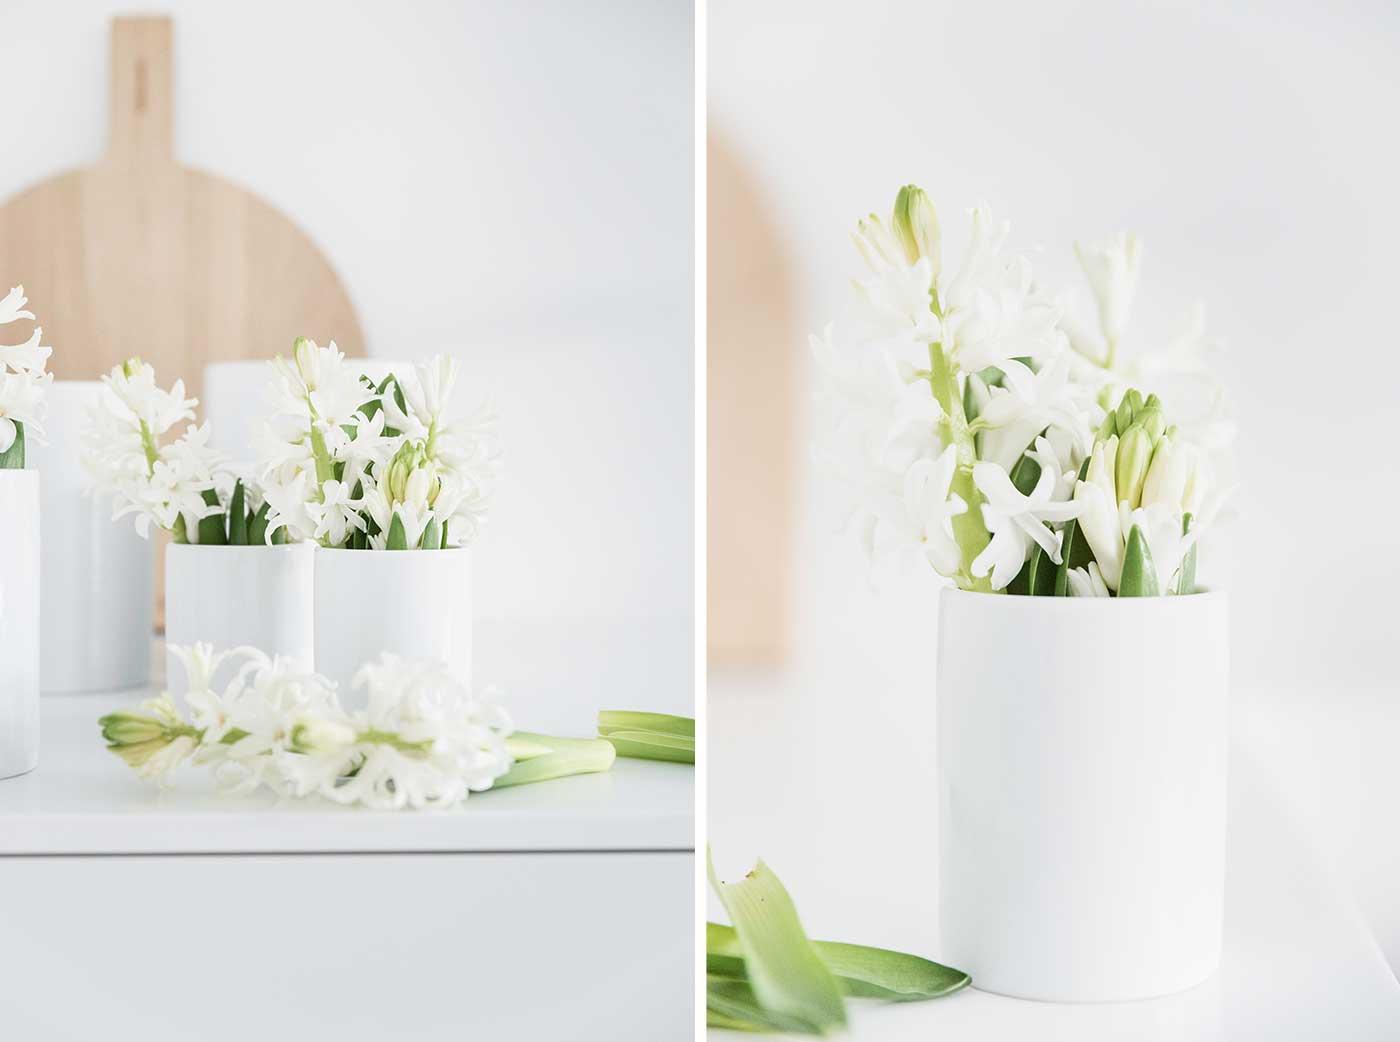 tipps welche blumen passen in welche vase welche vasenform passt zu welchen blumen. Black Bedroom Furniture Sets. Home Design Ideas